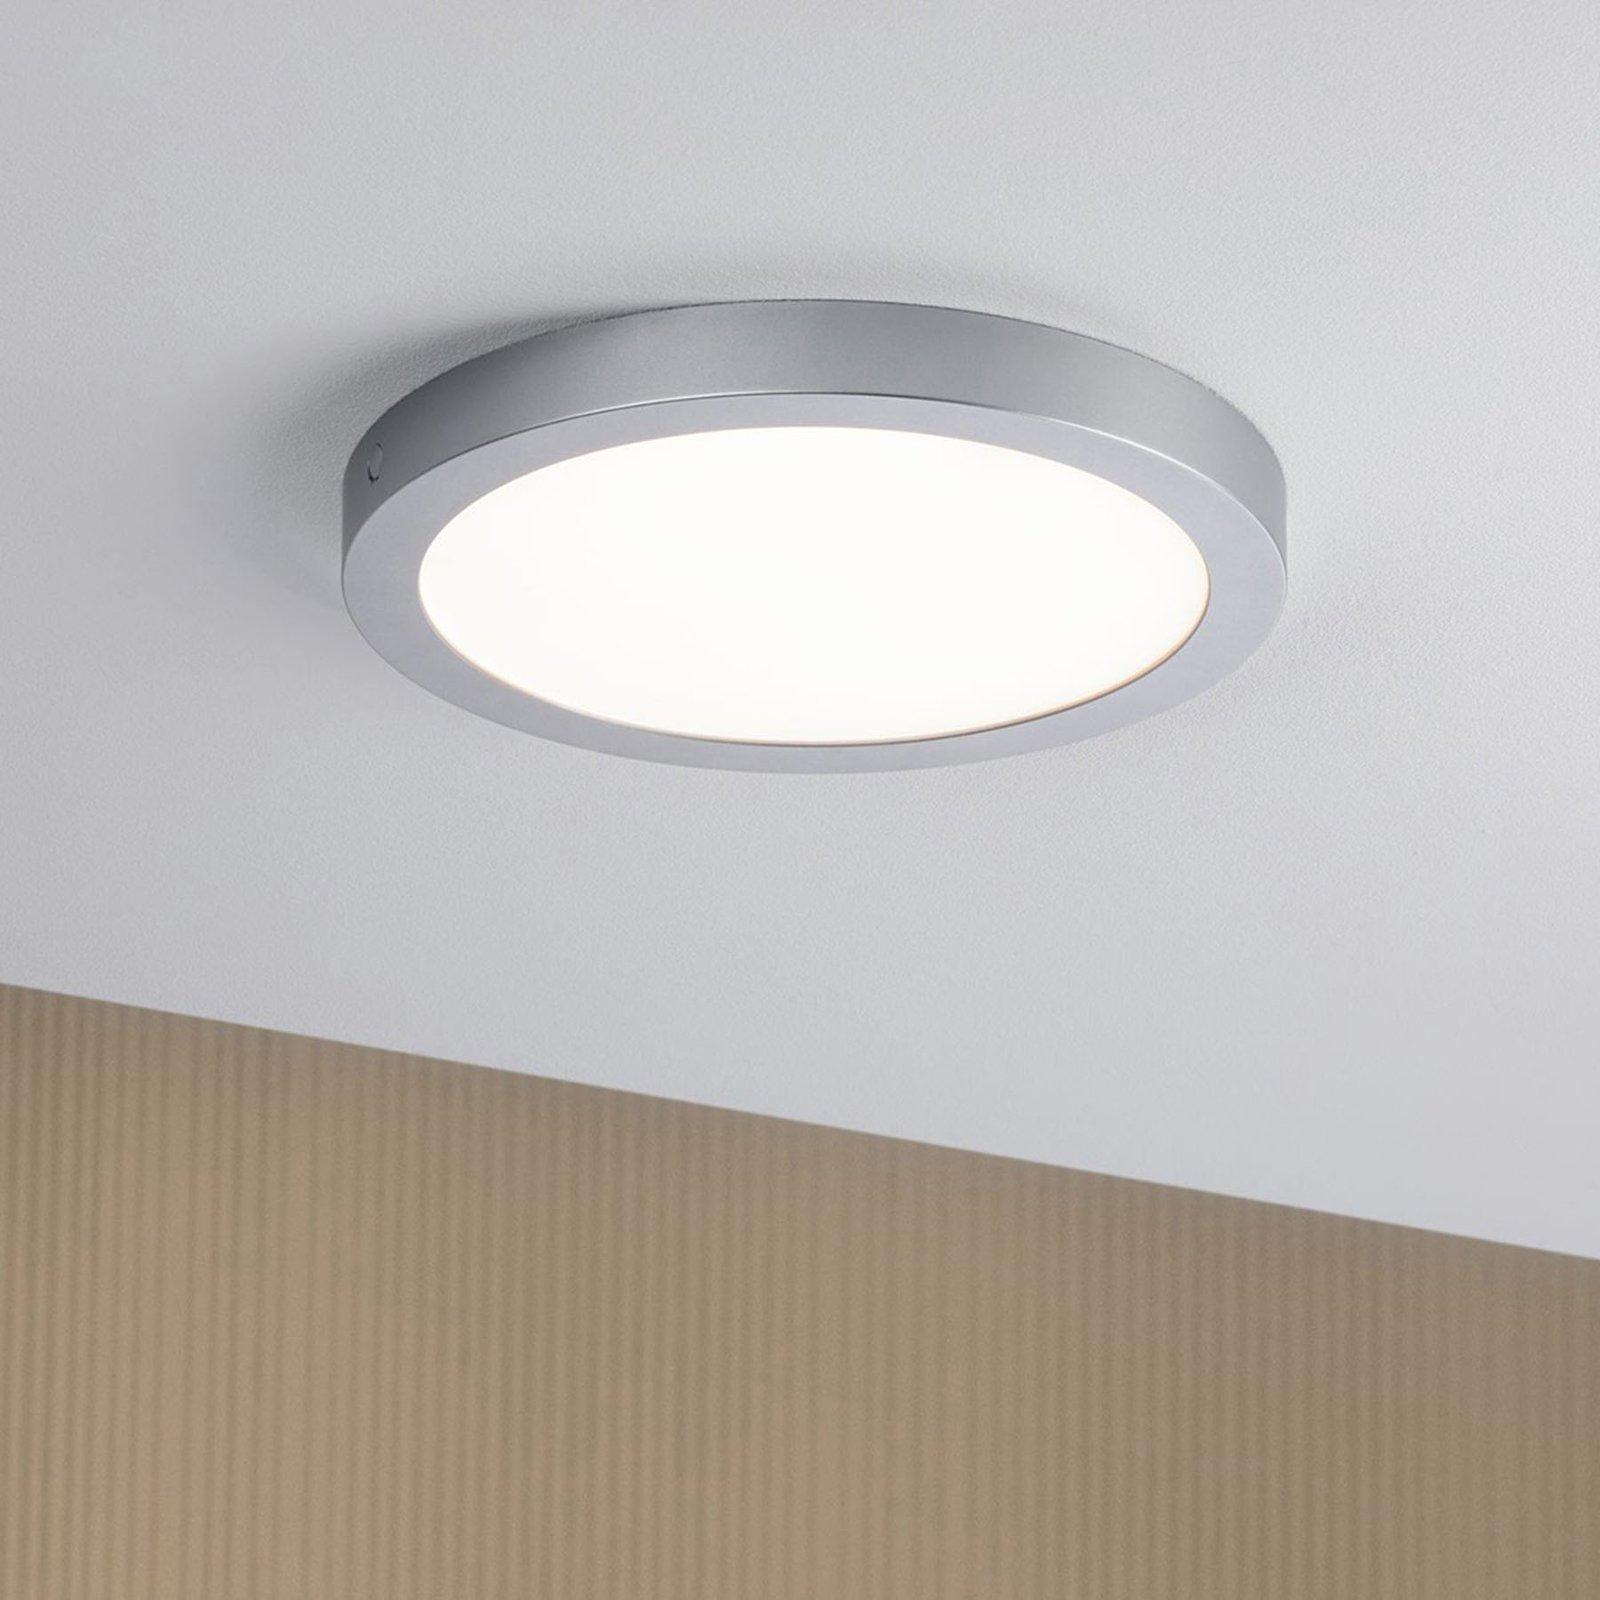 Paulmann Abia LED-taklampe Ø 30 cm krom matt